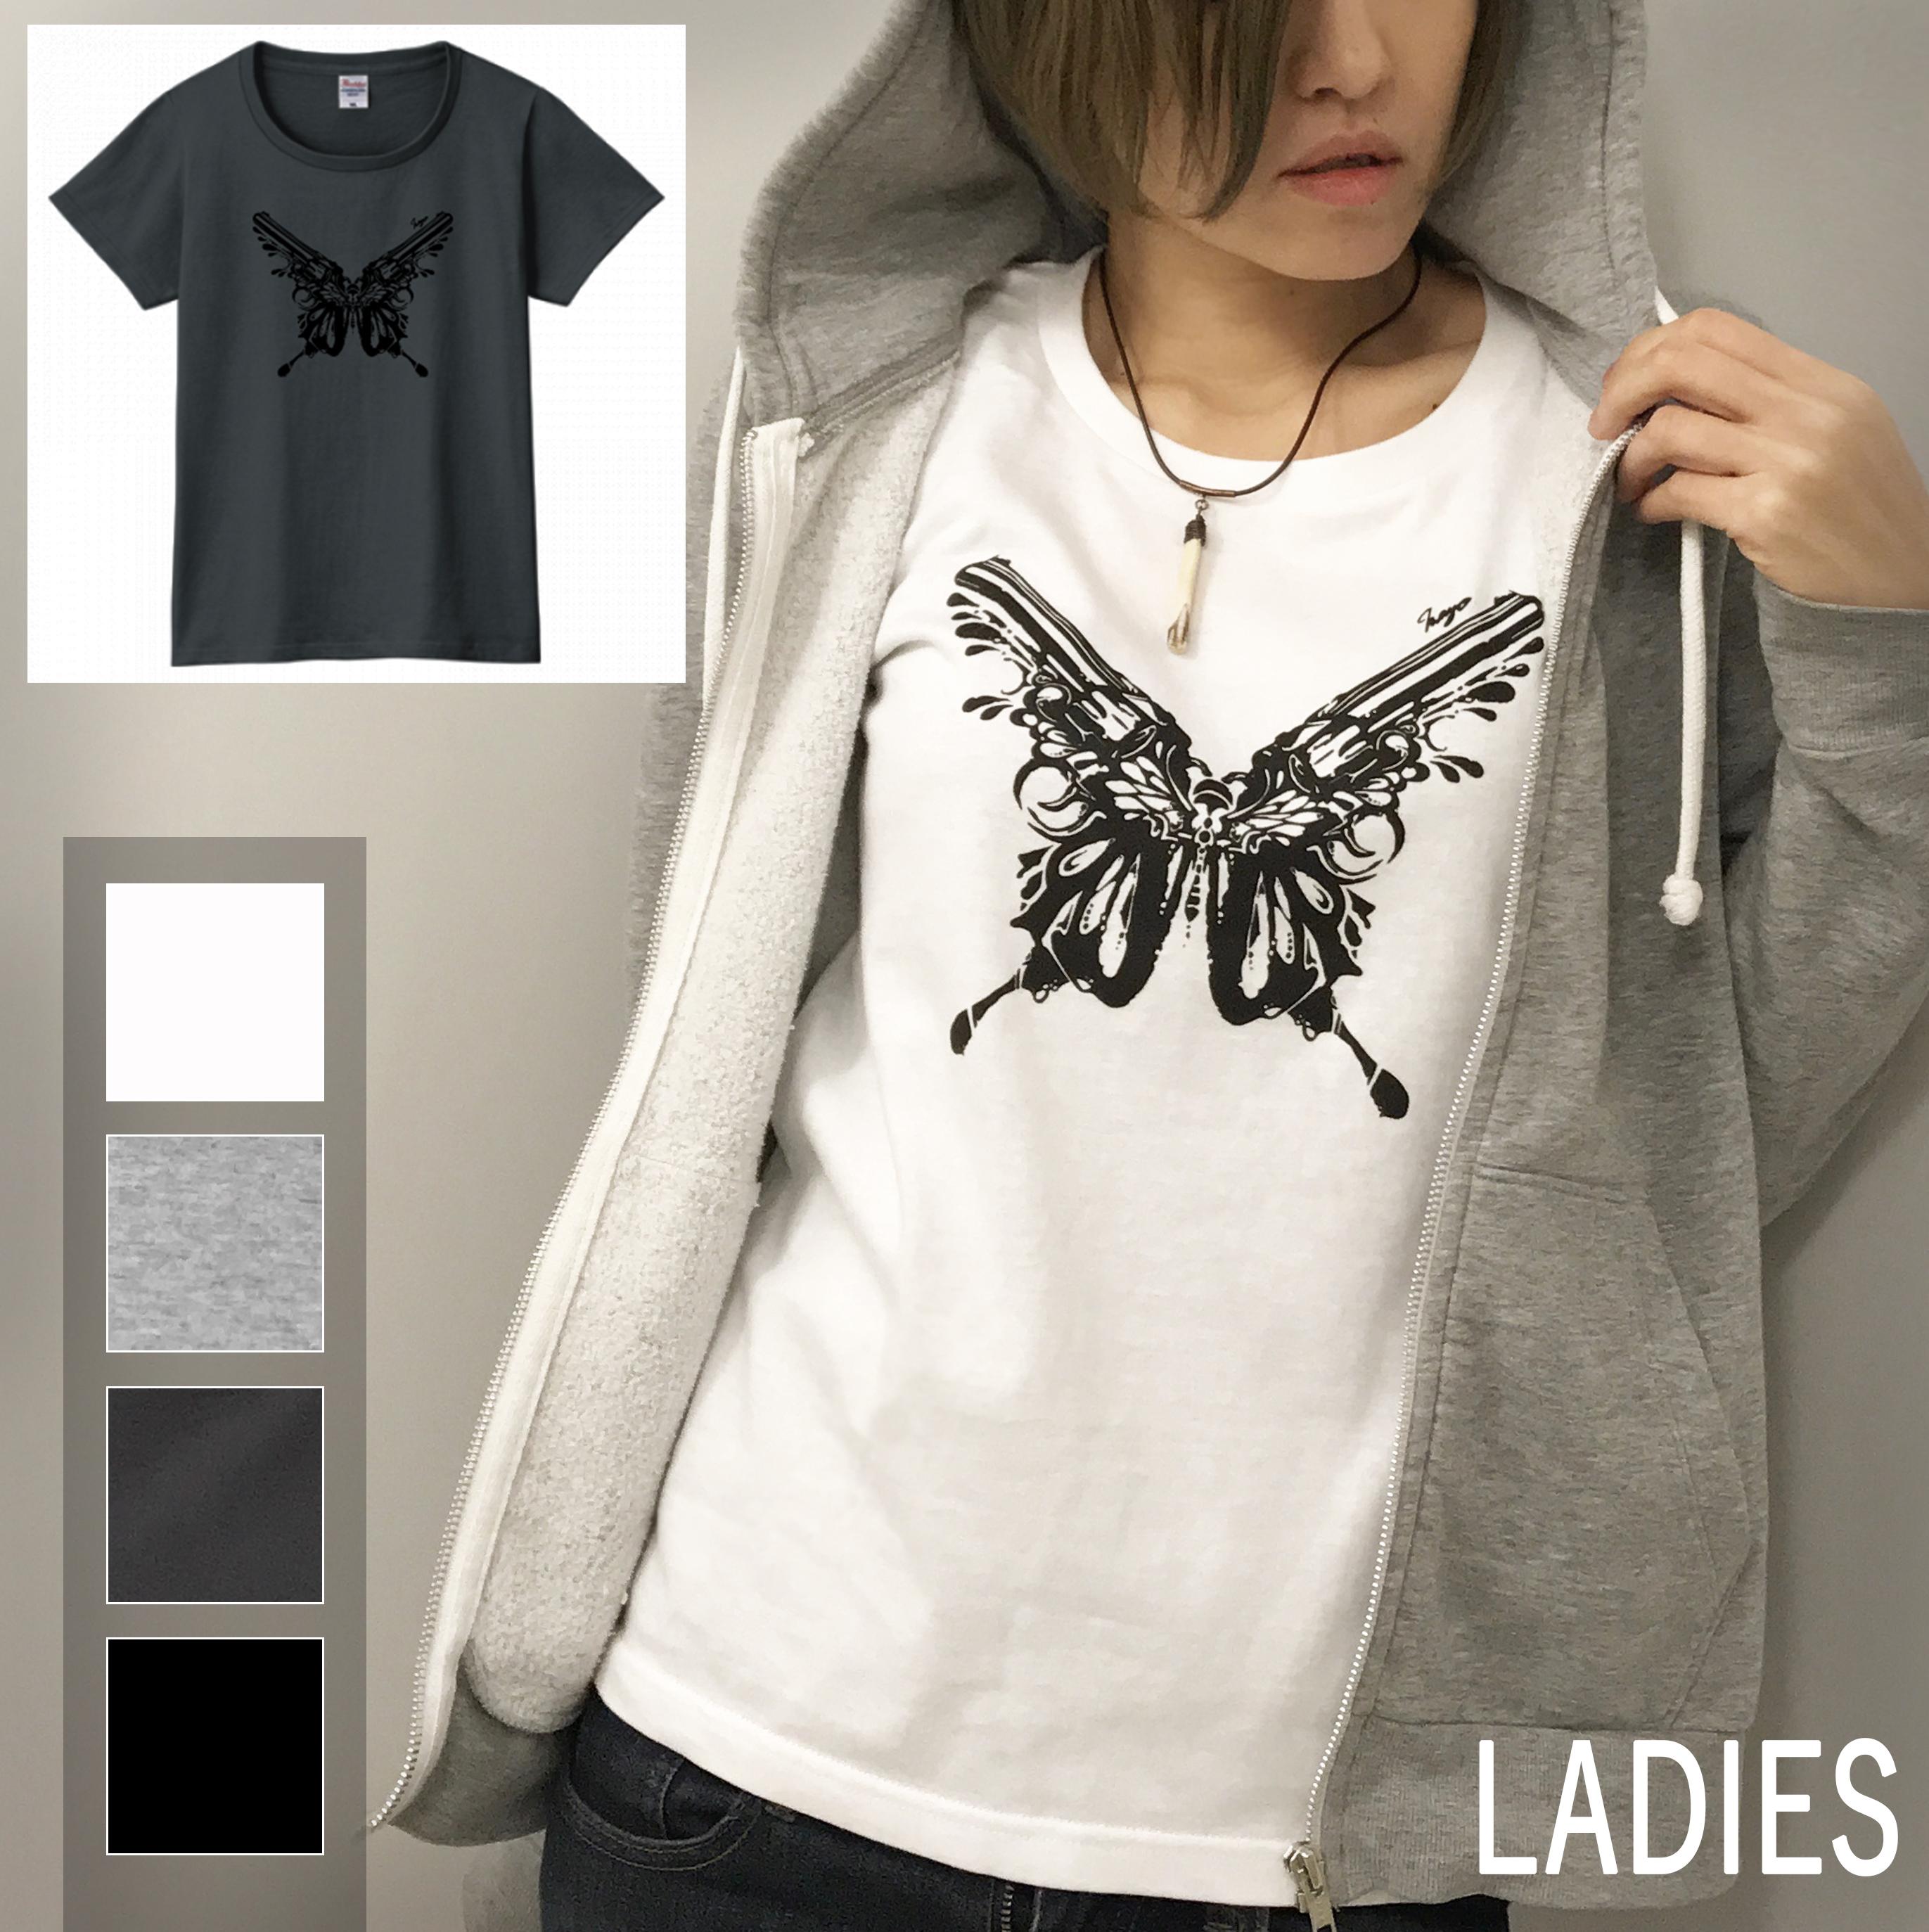 バタフライ×ガン T-shirt(レディース)